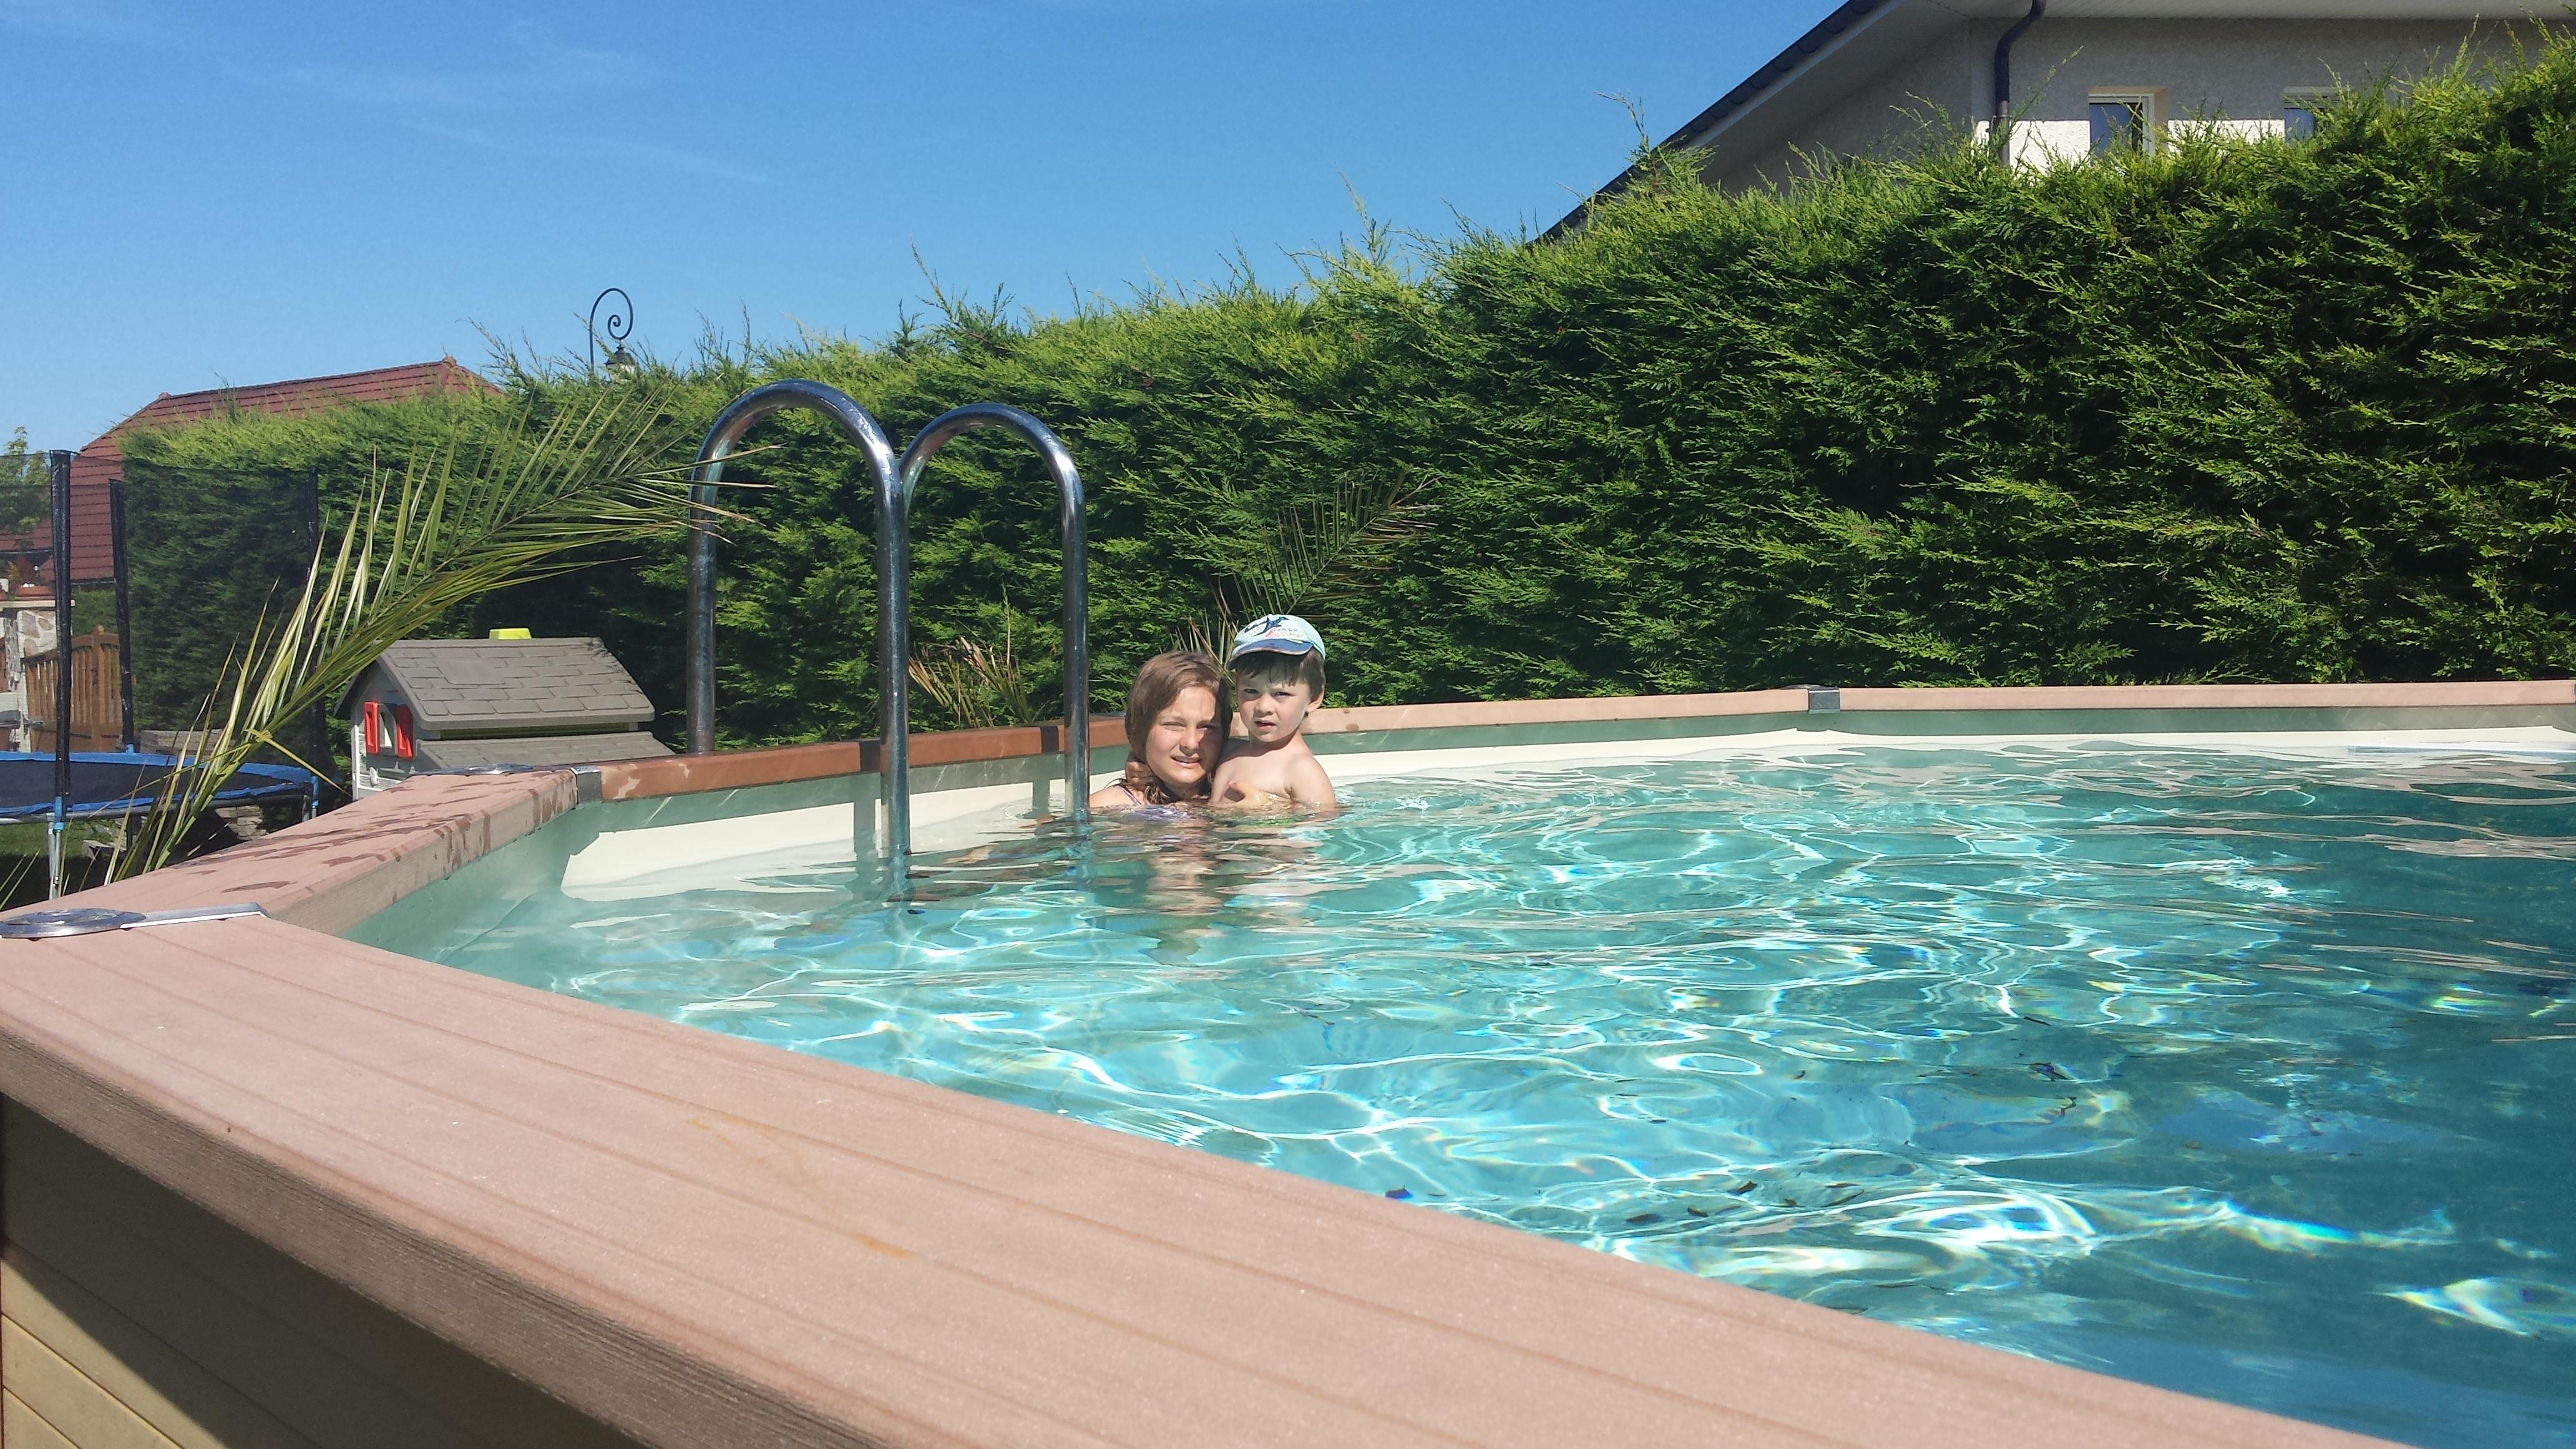 Aquaexpert 01 votre professionel des piscines dans le for Piscine 01 gex